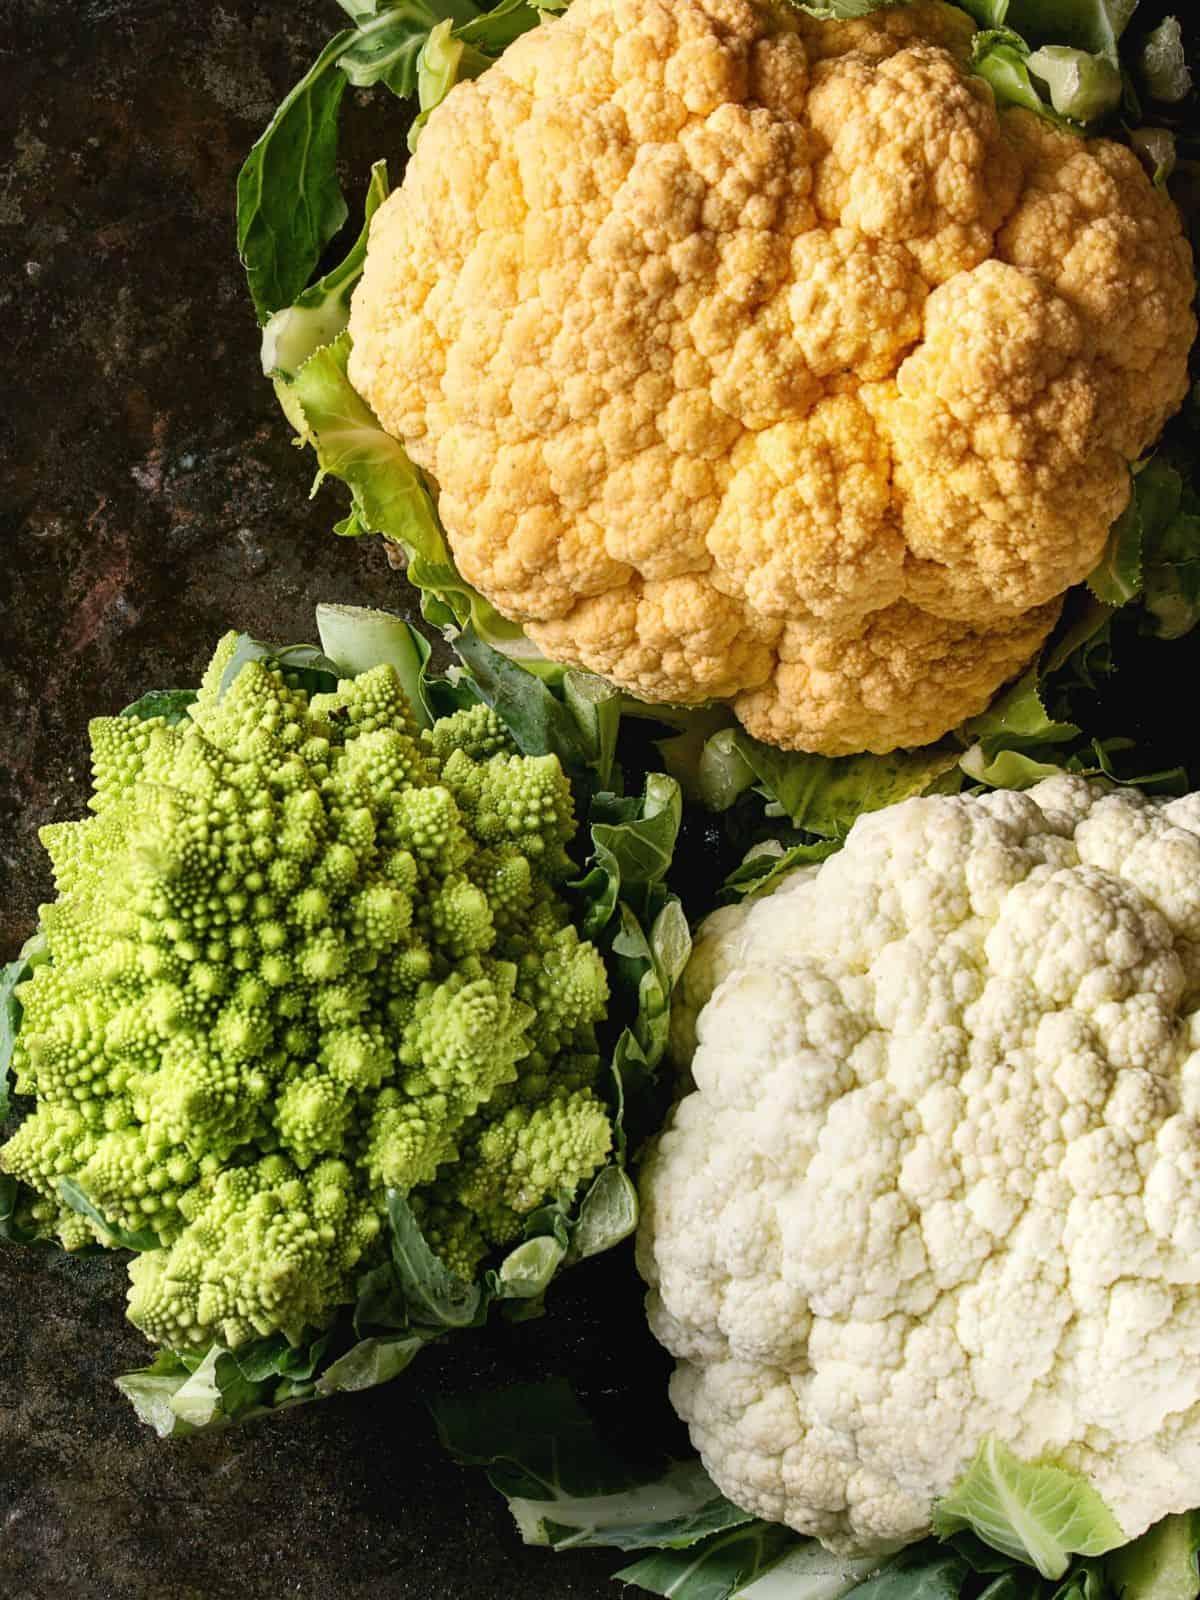 white, orange & romanesco cauliflower on a dark background